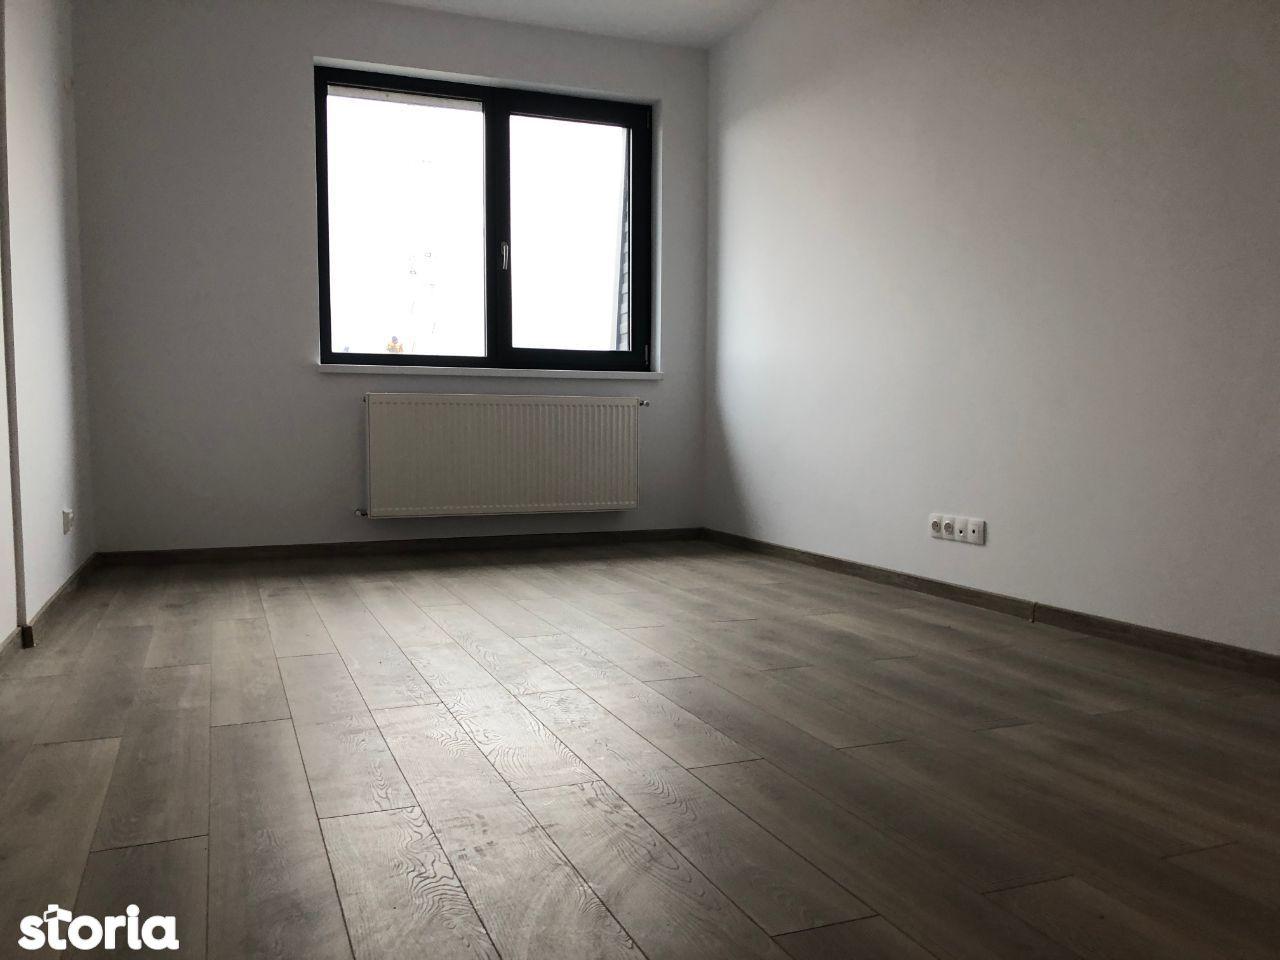 Apartament 2 camere modern, metrou Berceni